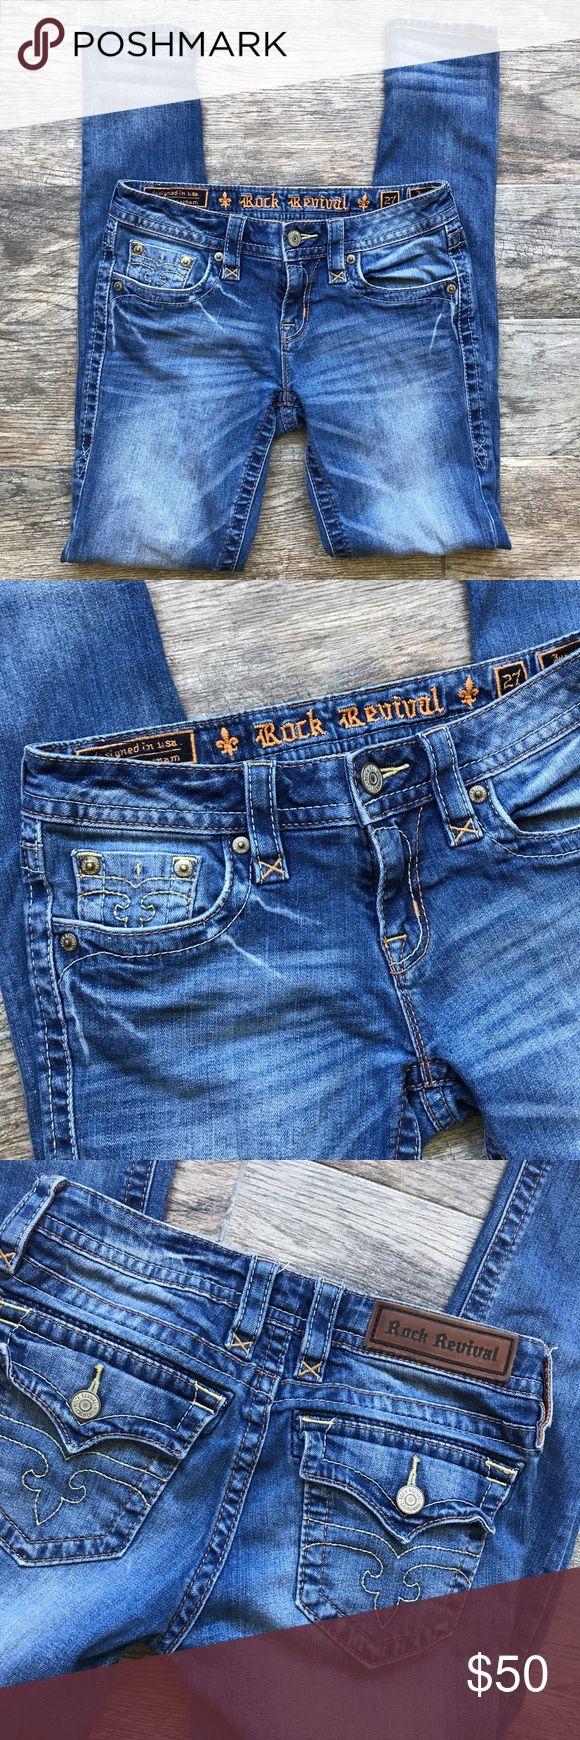 """Rock Revival 'Jessica Skinny' Jeans Rock Revival 'Jessica Skinny' Jeans - Size 27. Roughly 31"""" Inseam. Excellent used condition. Rock Revival Jeans Skinny"""